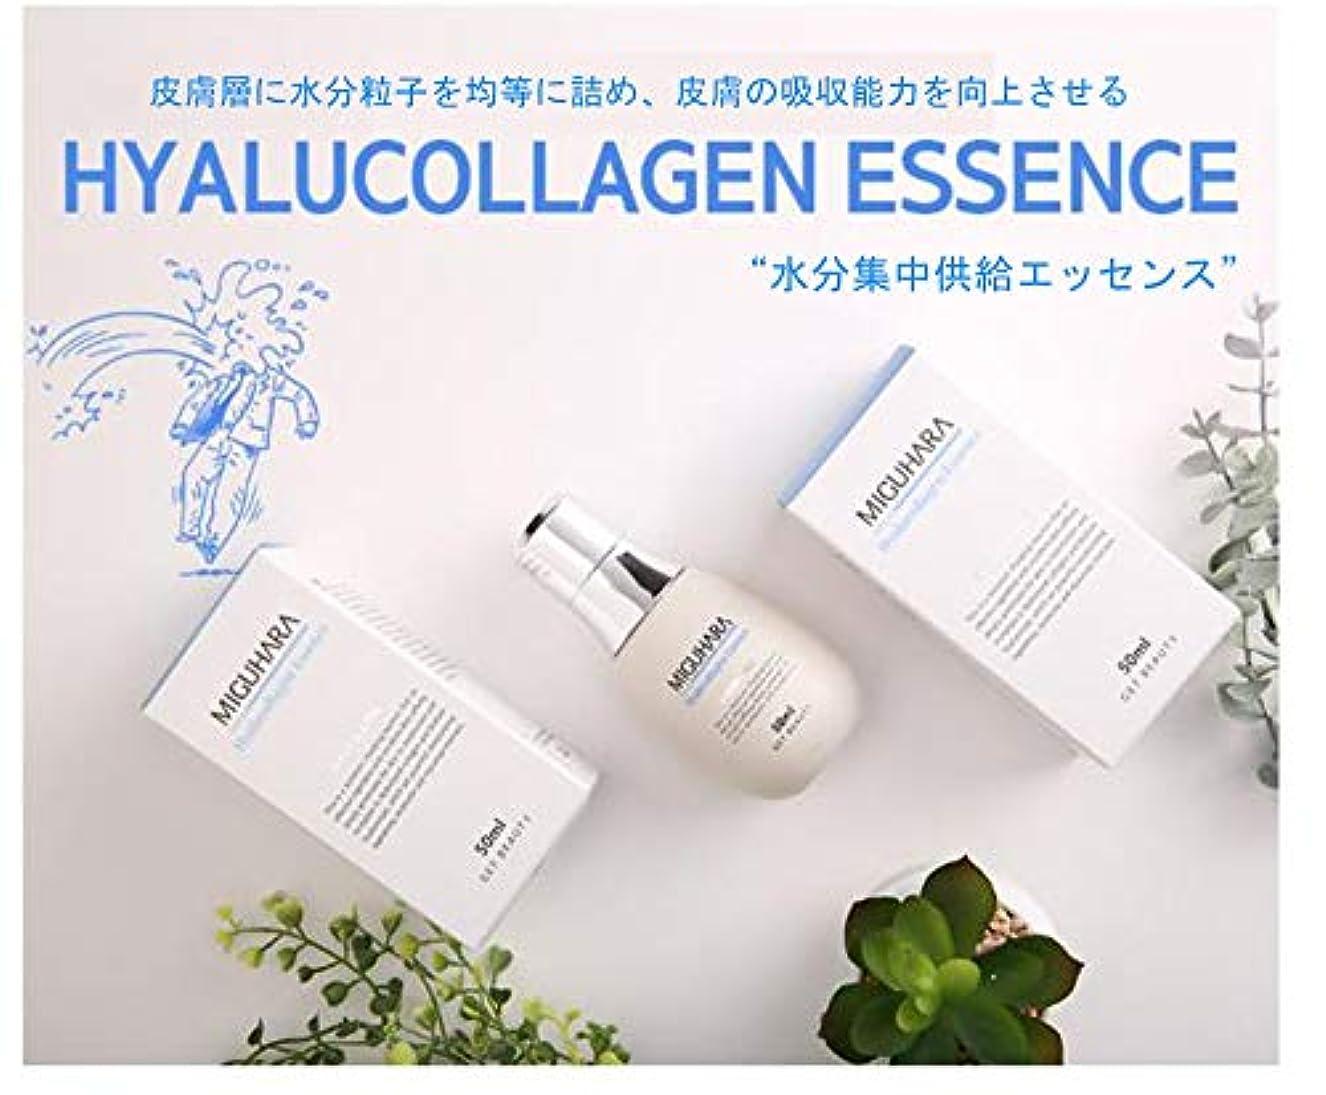 拒絶する適合解決するMIGUHARA Hyalucollagen Essence 50ml /ヒアルロンコラーゲンエッセンス 50ml